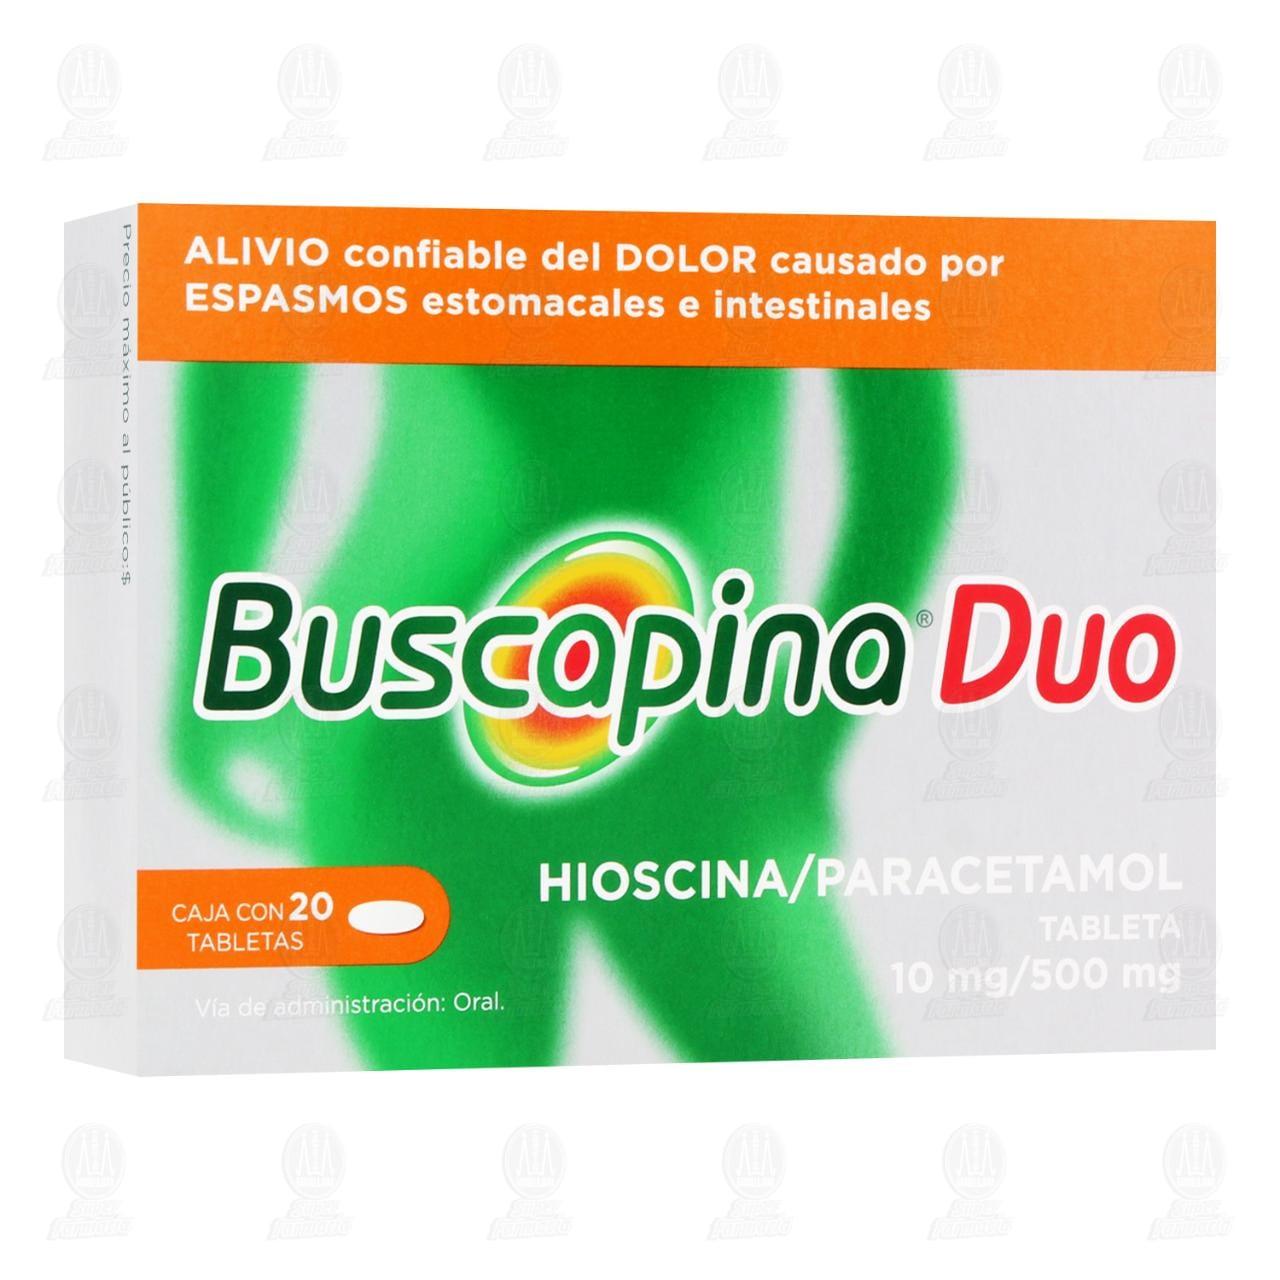 Comprar Buscapina Duo 10mg/500mg 20 Tabletas en Farmacias Guadalajara